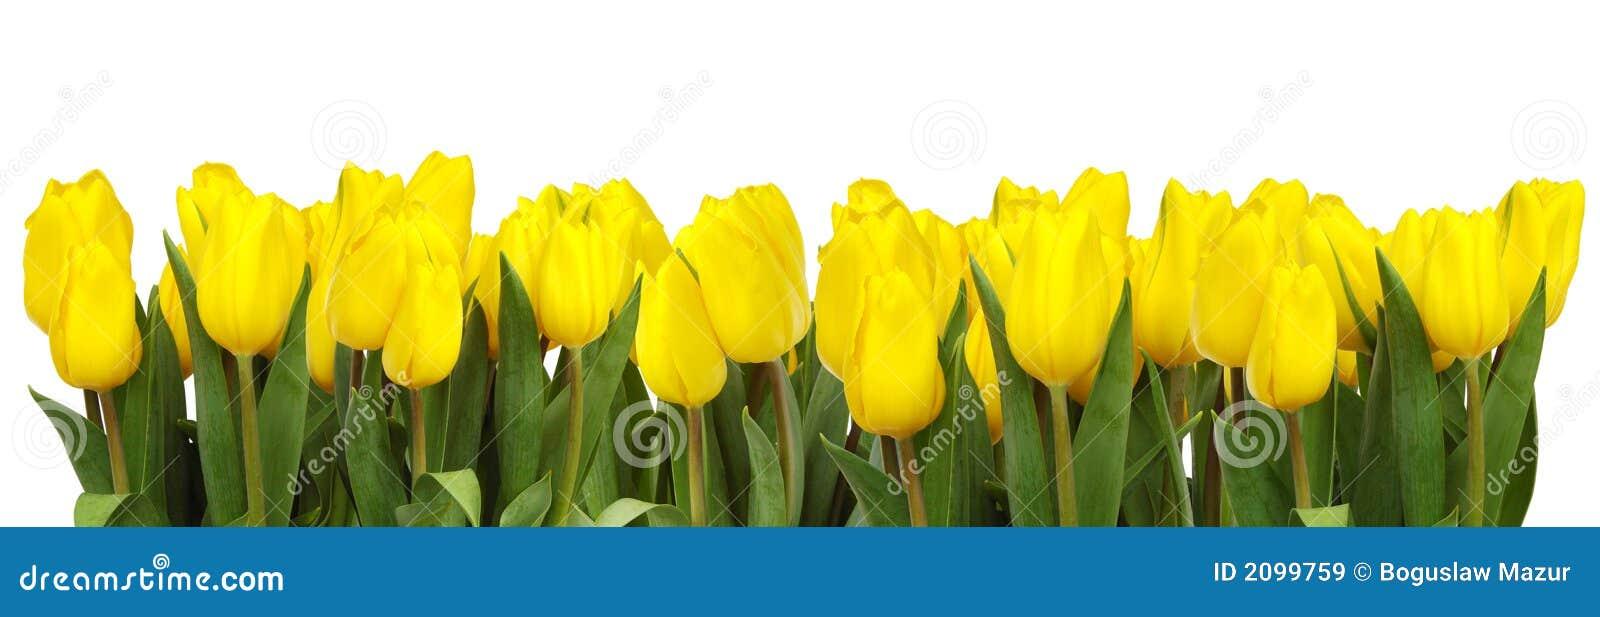 Ligne des tulipes jaunes